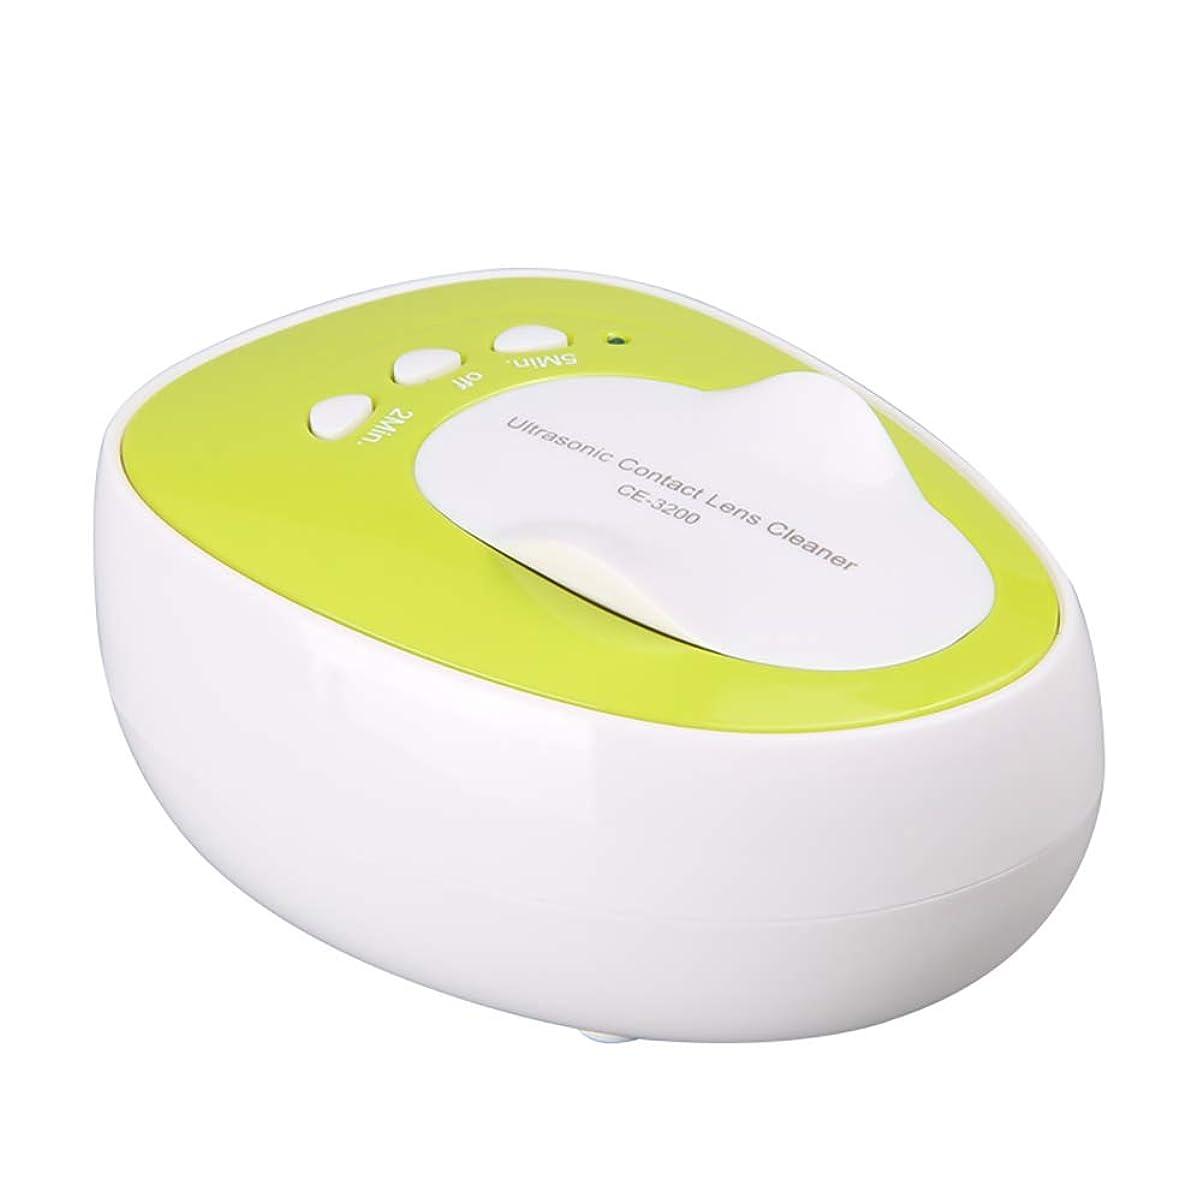 負洗練された交じるコンタクトレンズ 超音波洗浄器 ミニ超音波クリーナー コンパクト 旅行 携帯式 FidgetFidget コンタクトレンズ用ミニオートマチック超音波クリーナー イギリスの規制